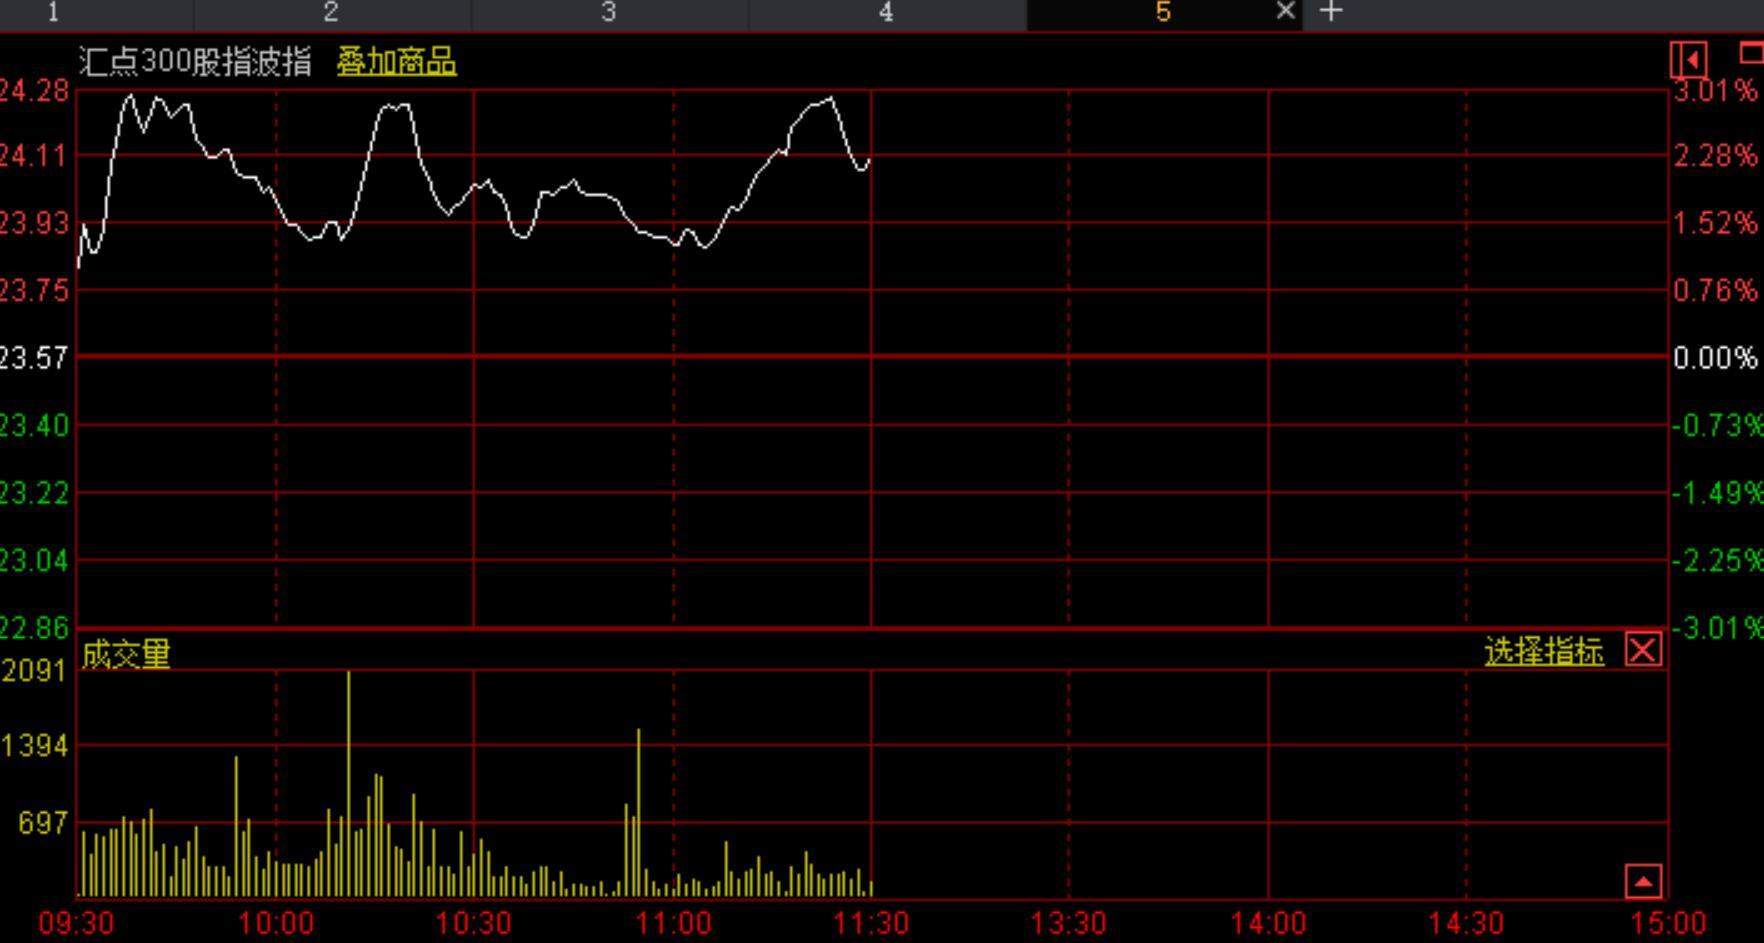 周四股市午评:指数窄幅震荡,下午仍会下跌?